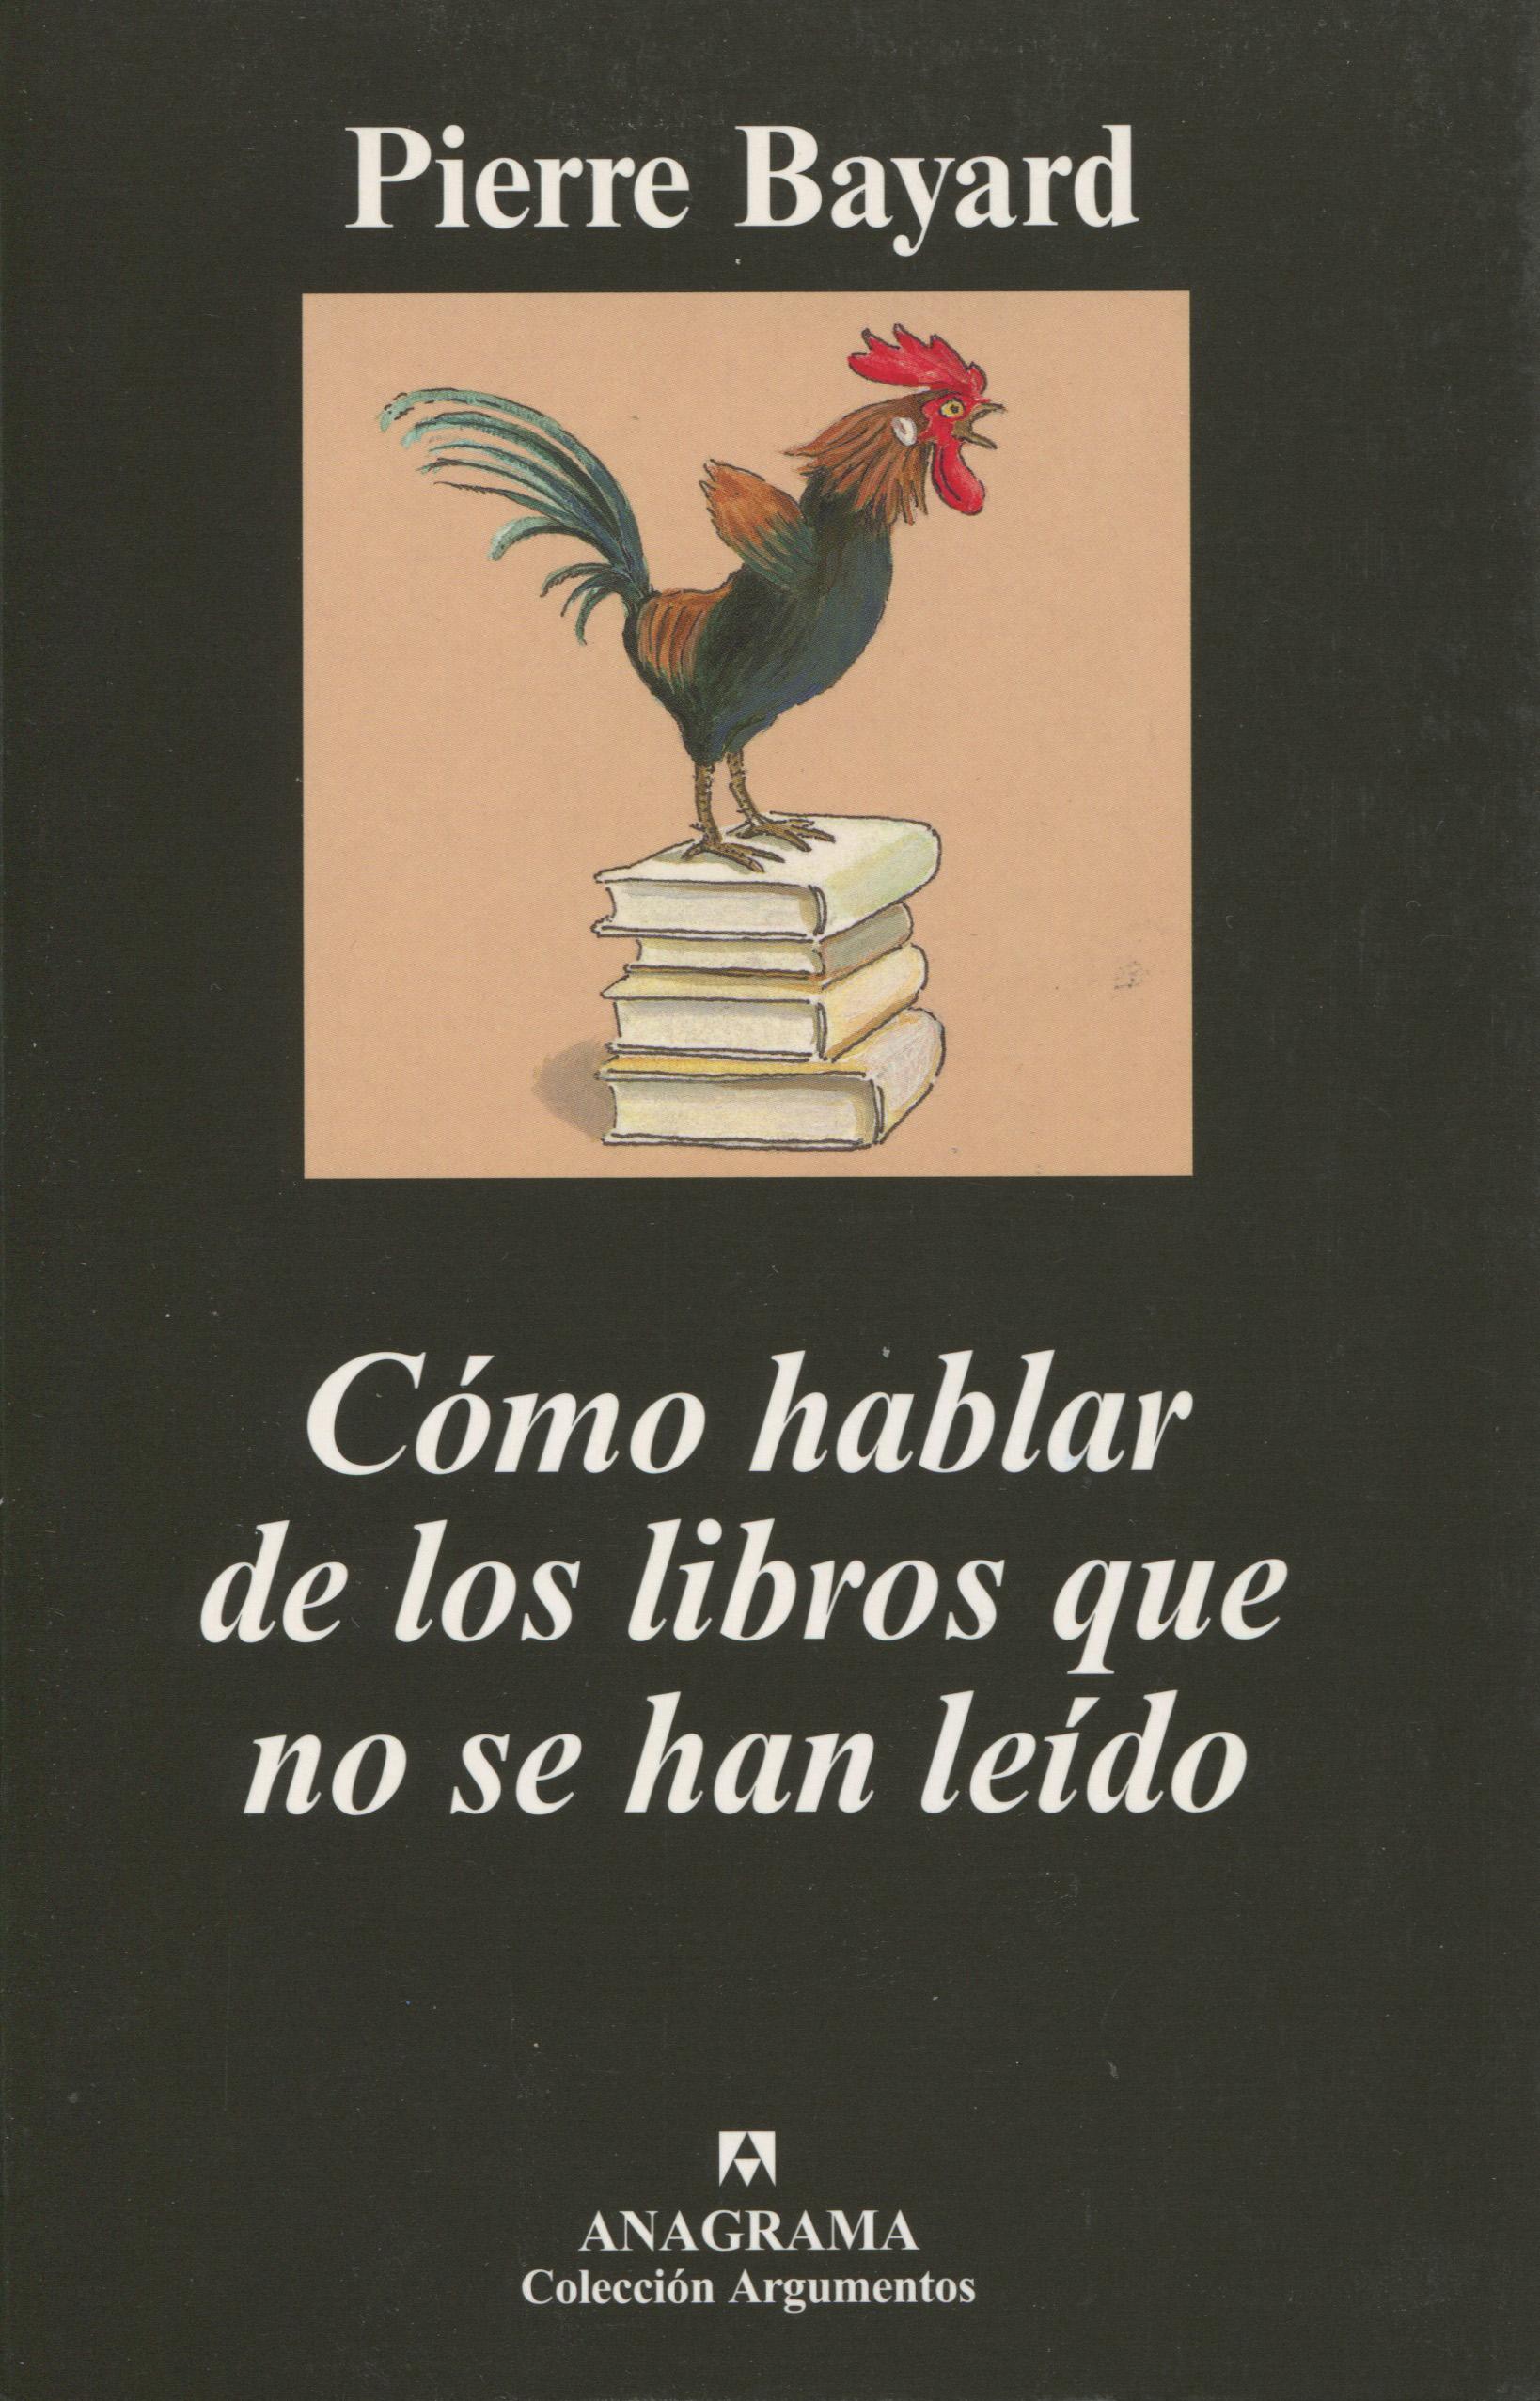 Cómo hablar de los libros que no se han leído - Bayard, Pierre -  978-84-339-6279-9 - Editorial Anagrama